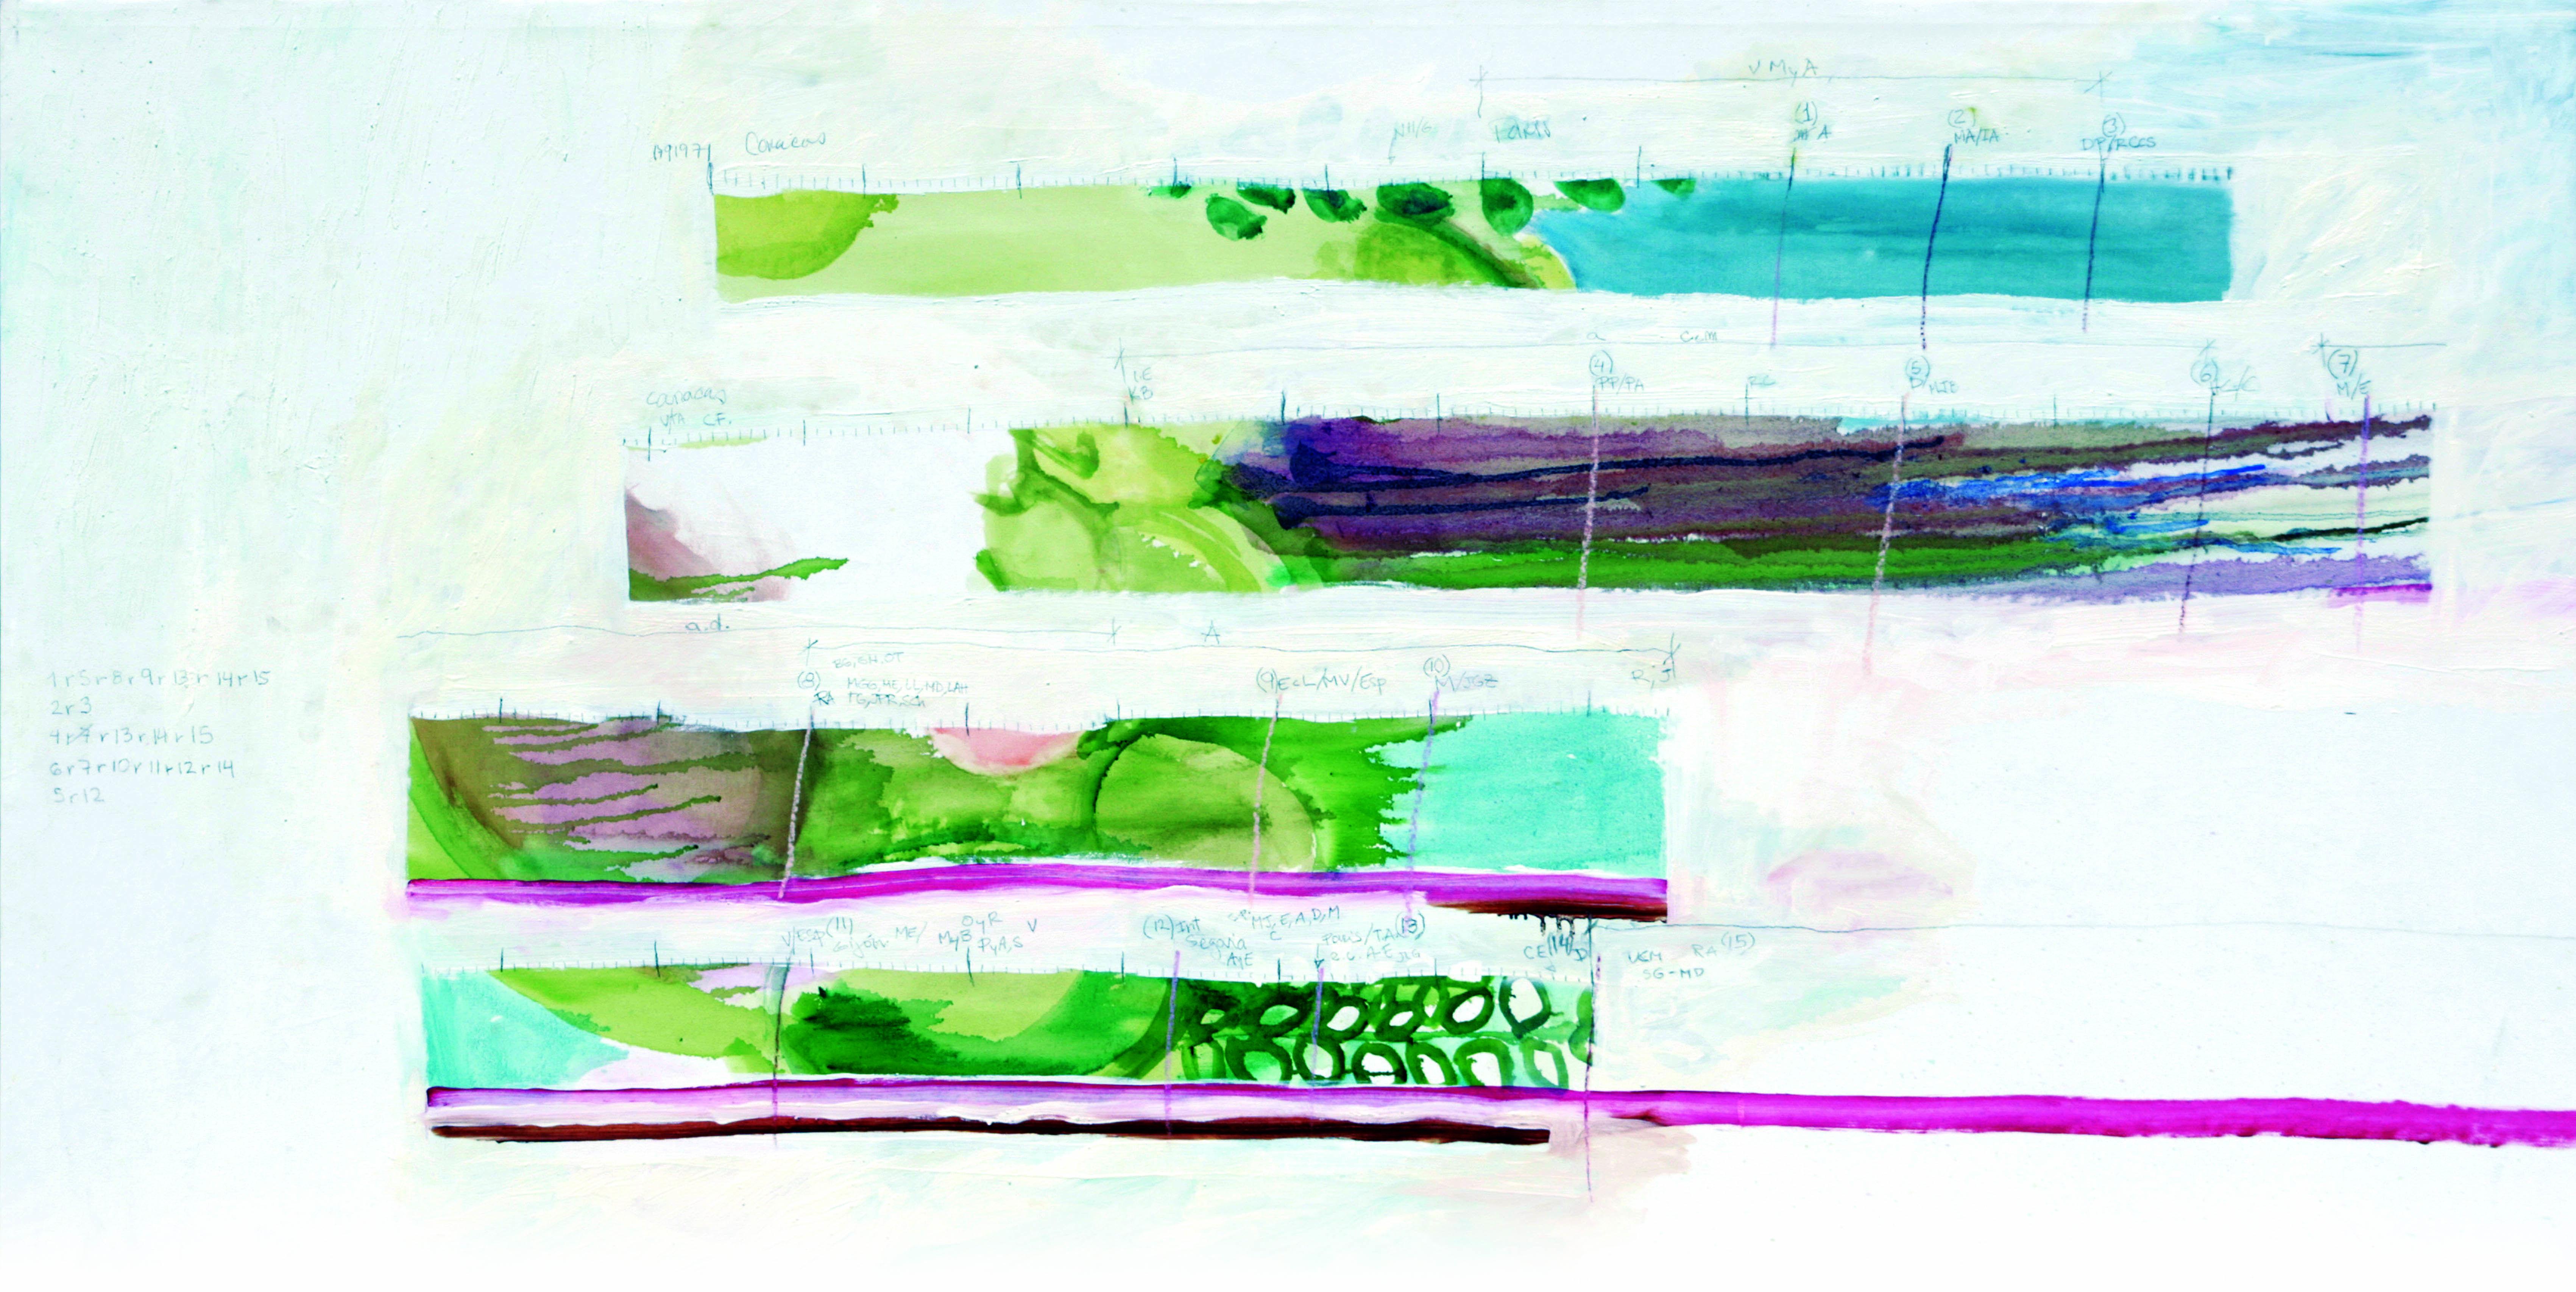 Línea de tiempo. Oleo sobre tela. 200 x 100 cm